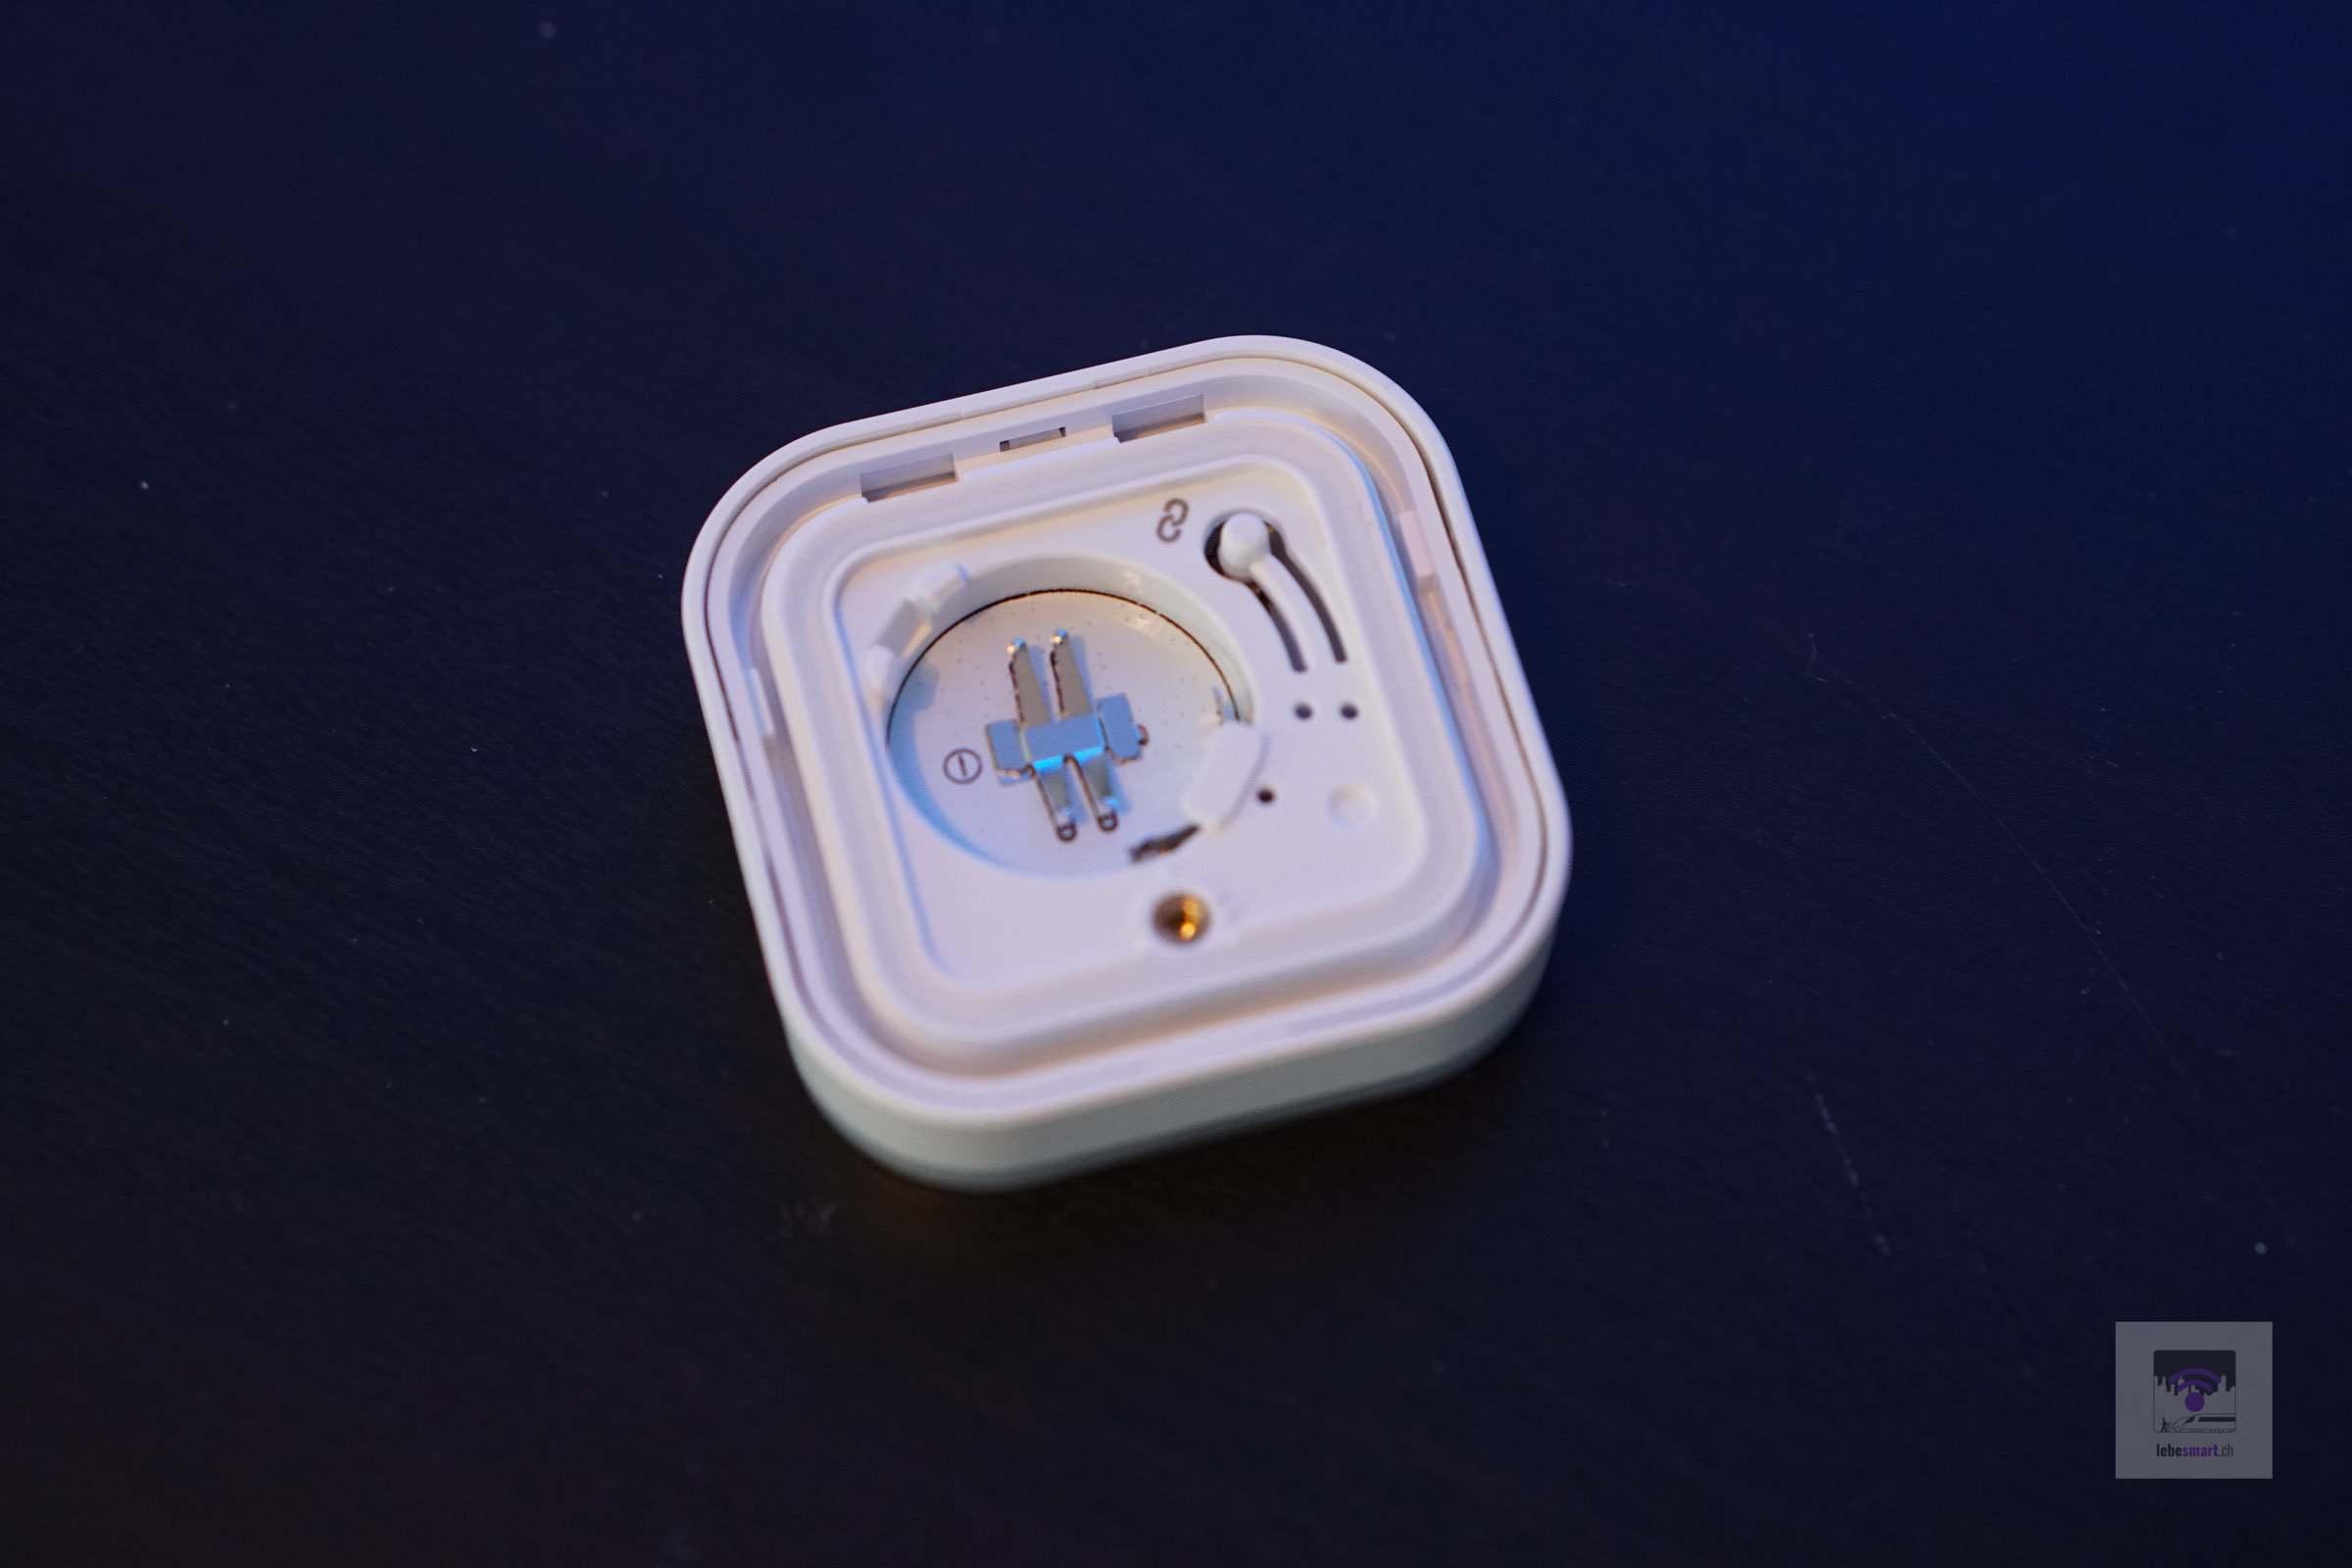 Fach für die Batterie und der Reset/Verbindungs-Knopf